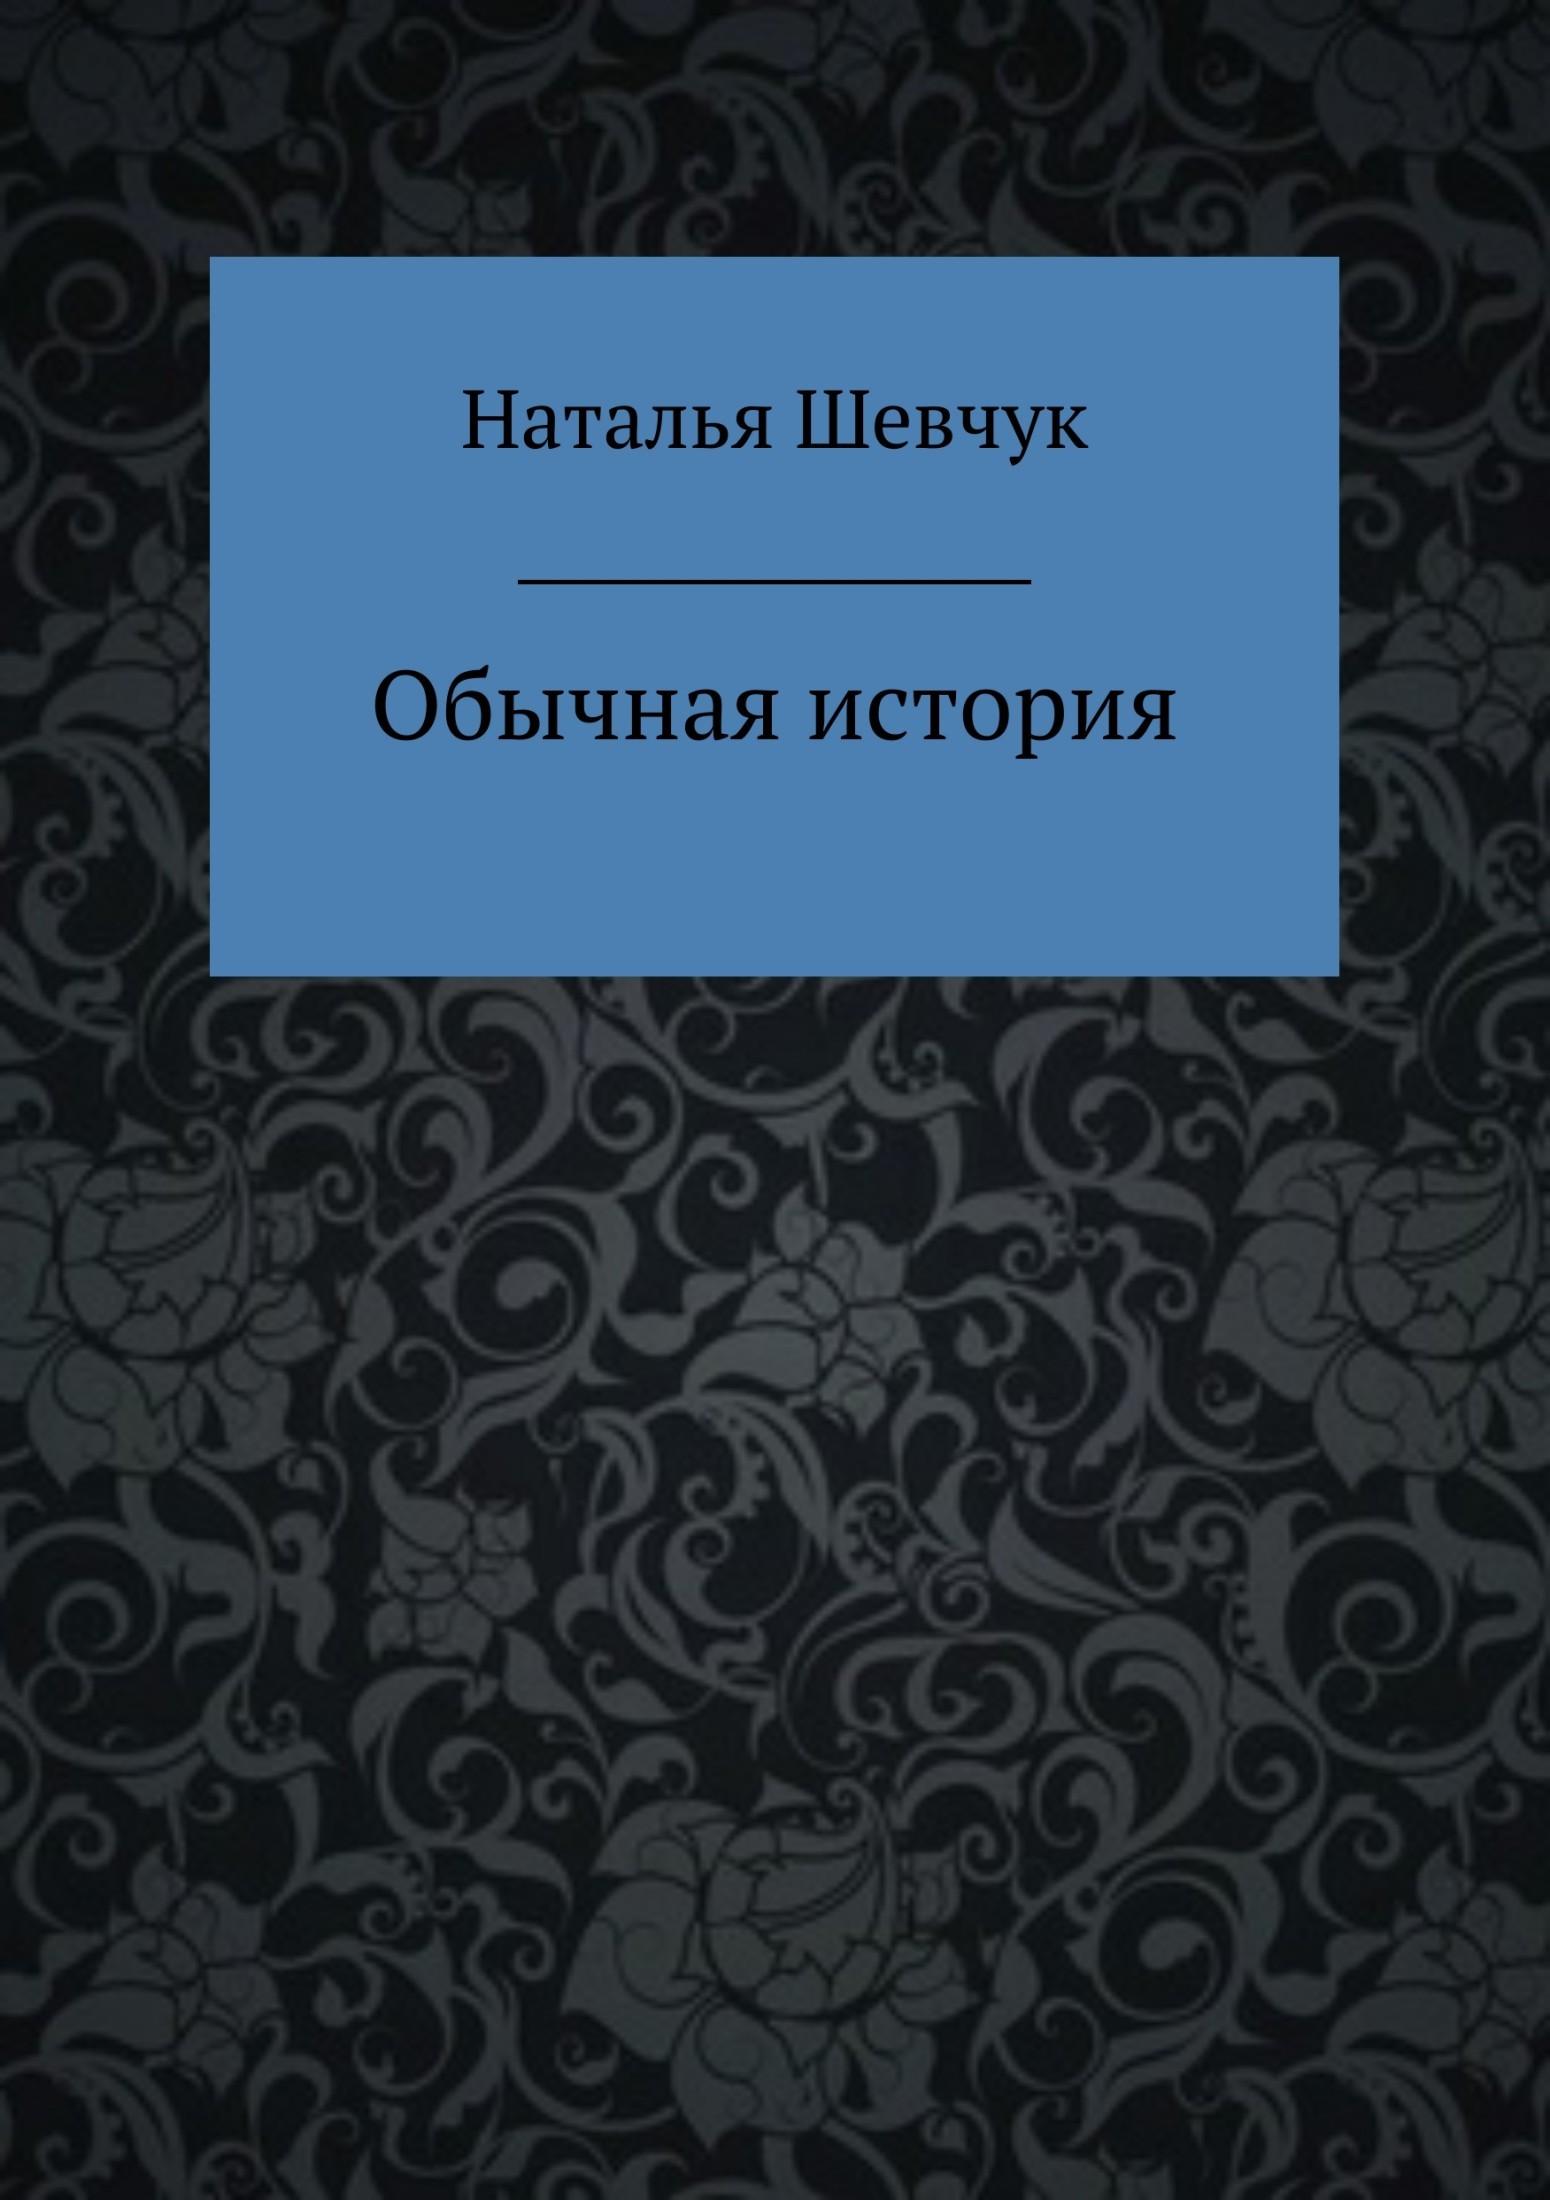 Наталья Александровна Шевчук бесплатно